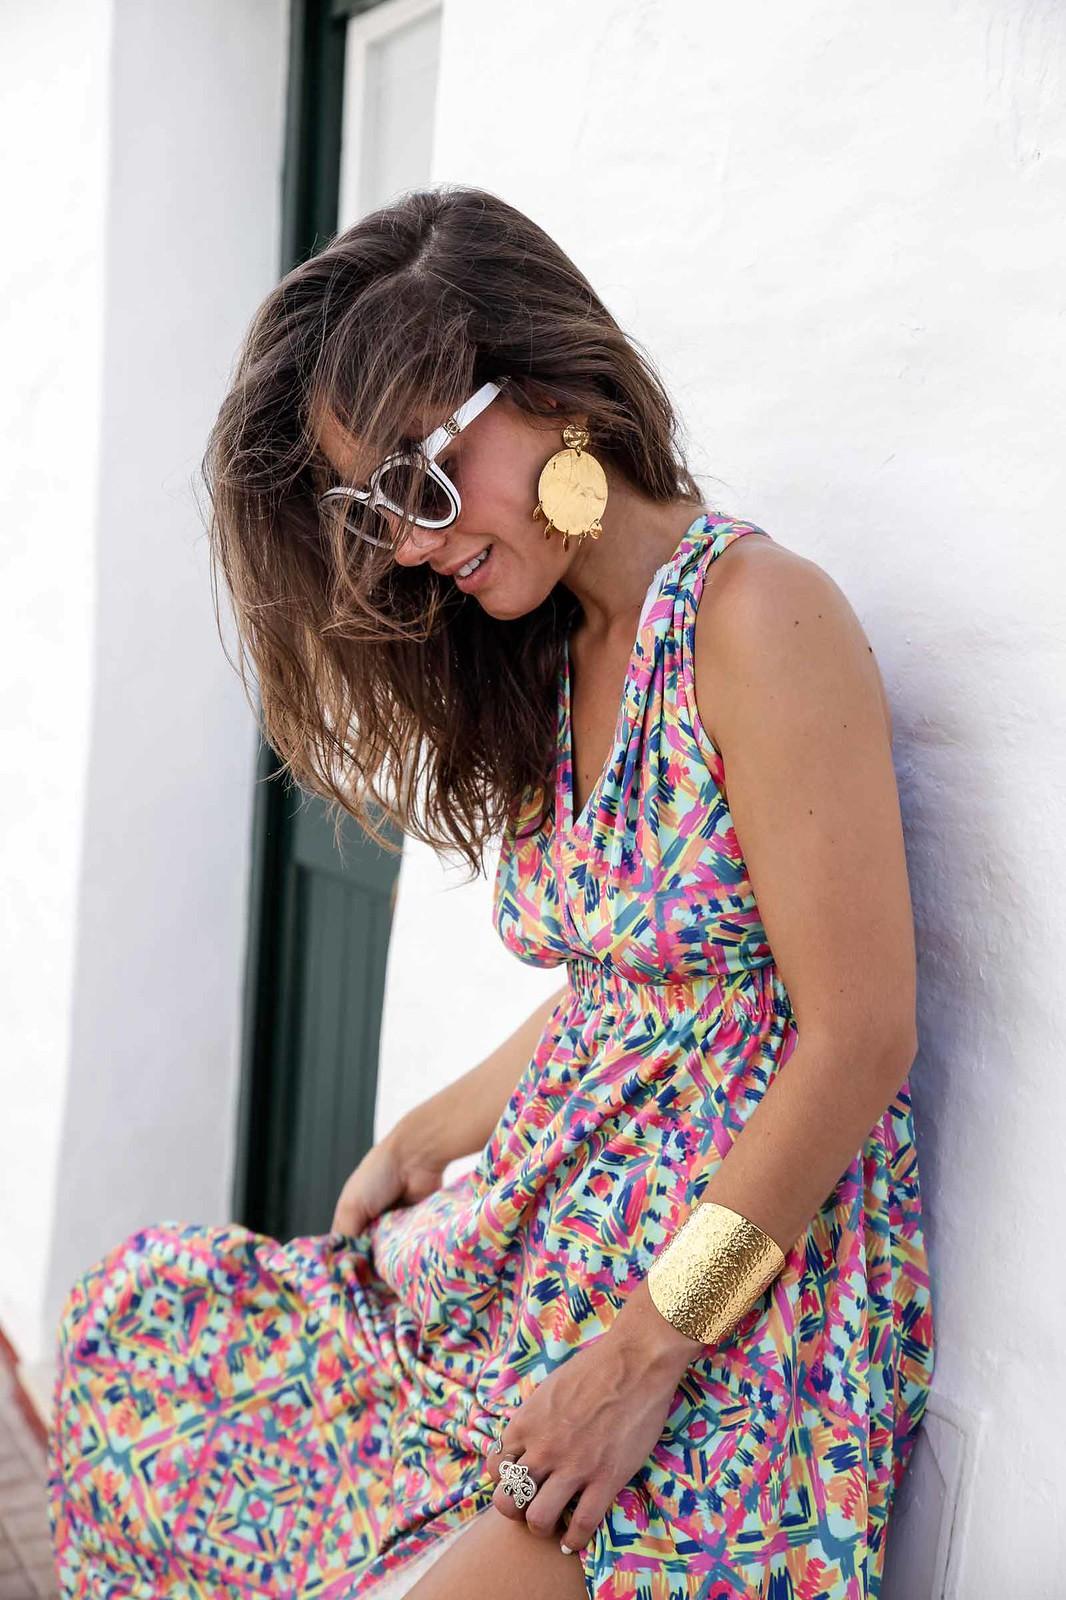 03_vestido_largo_colores_estilo_boho_rüga_chic_casual_street_style_outfit_theguestgirl_